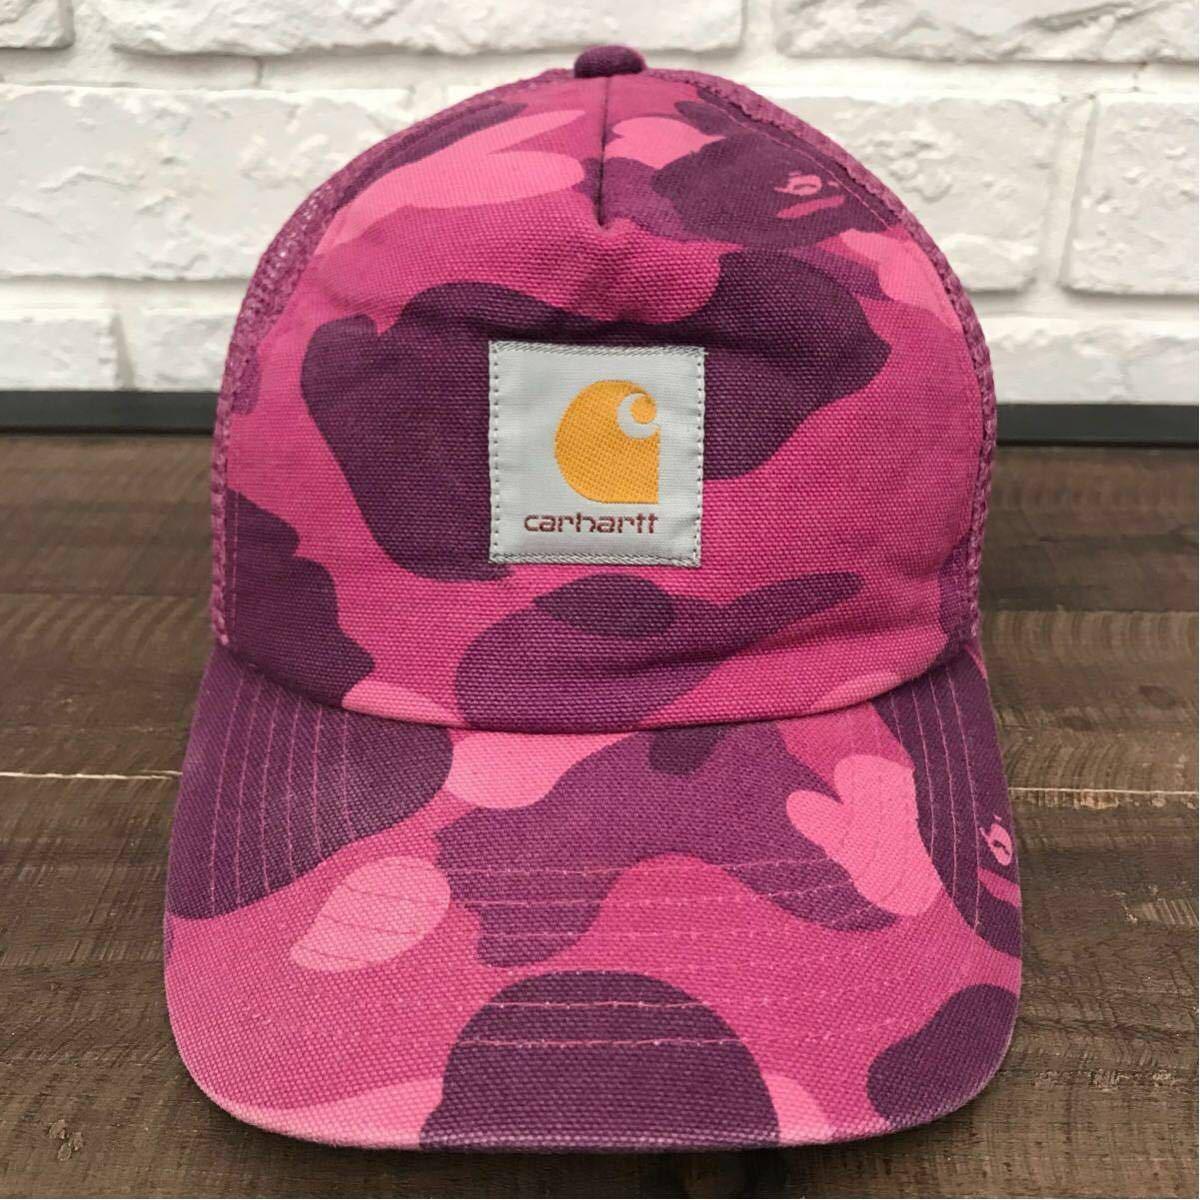 ★激レア★ carhartt × bape スナップバック キャップ カーハート a bathing ape エイプ ベイプ アベイシングエイプ cap 帽子 purple camo